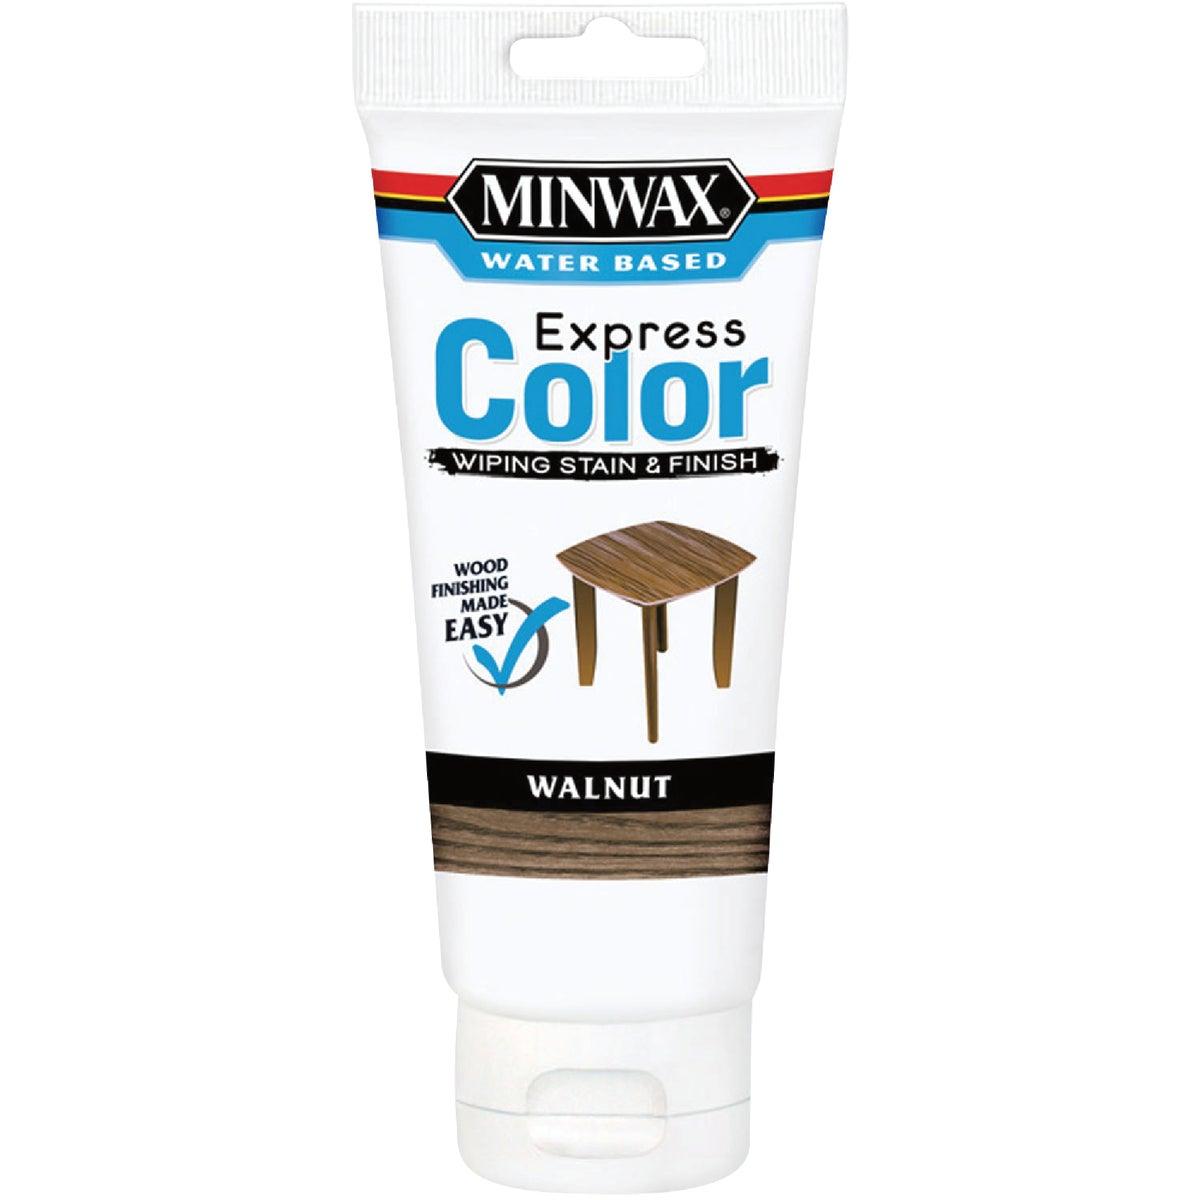 WALNUT WIPING STAIN - 308034444 by Minwax Company